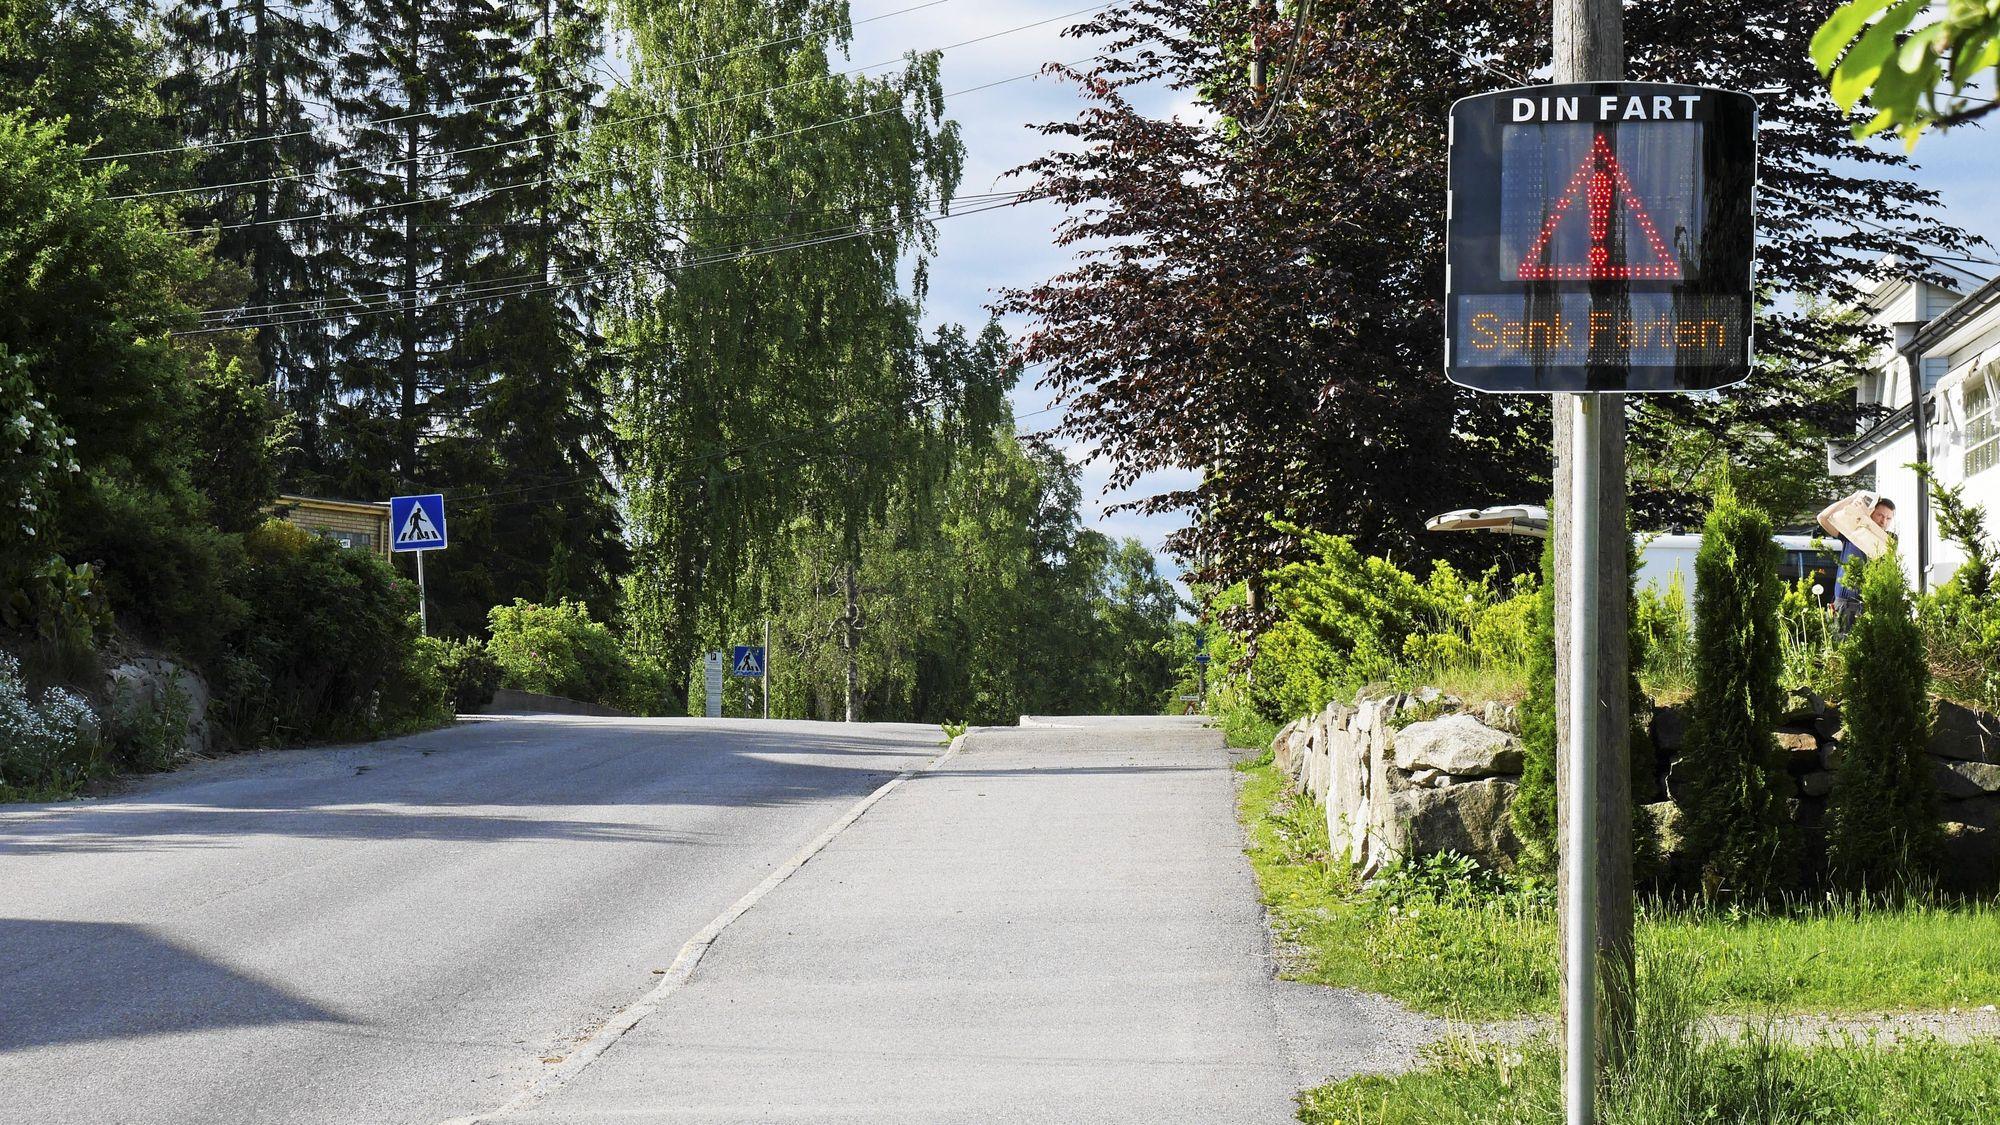 GODT TILTAK: En hastighetsdisplay, satt ut av kommunen i Holbergs vei i slutten av mai, var et godt fartsreduserende tiltak.